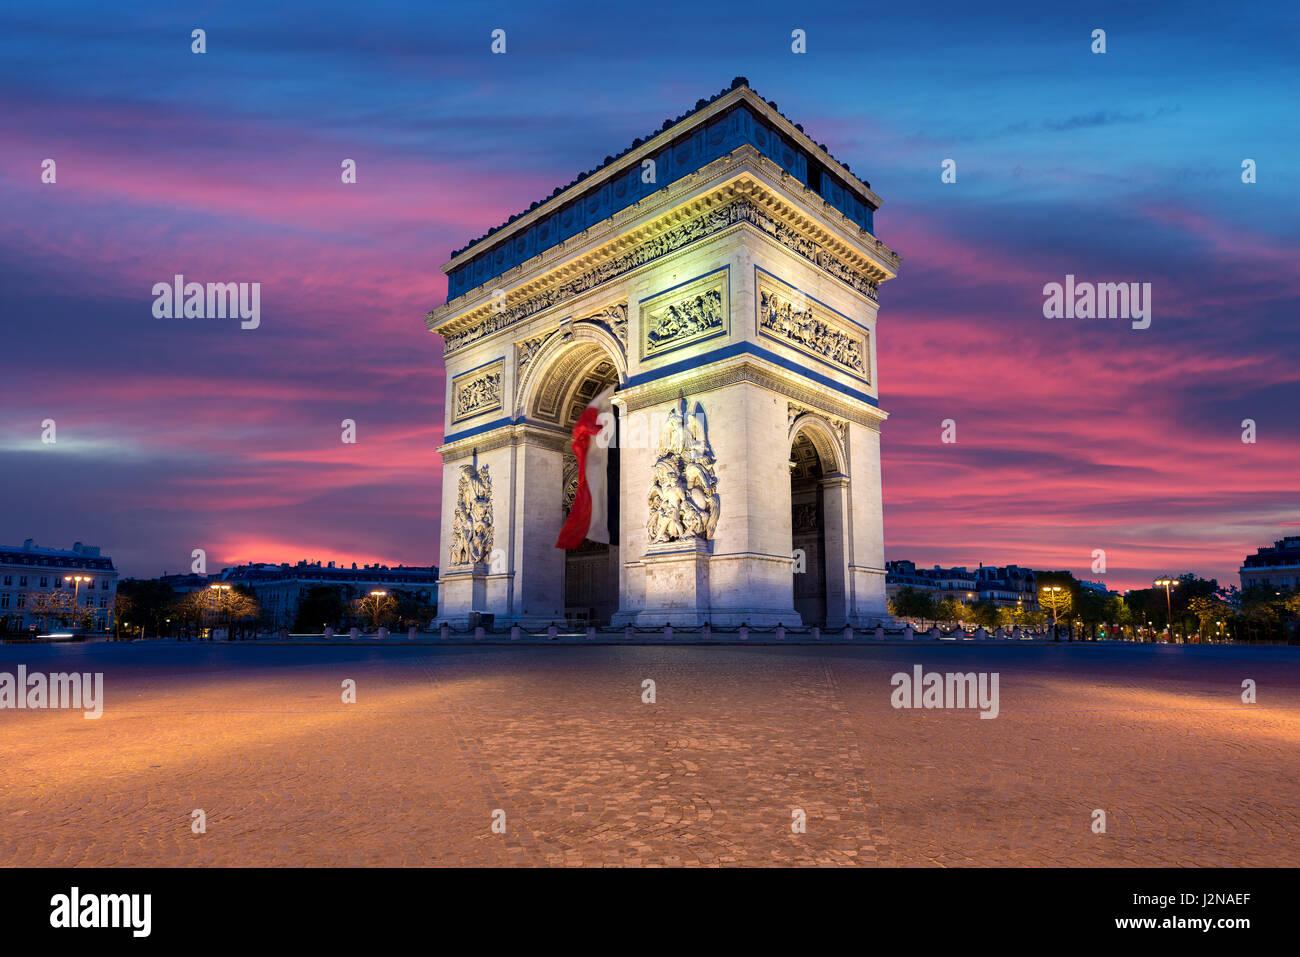 Arc de Triomphe et des Champs Elysées, les points de repère dans le centre de Paris, au coucher du soleil. Photo Stock